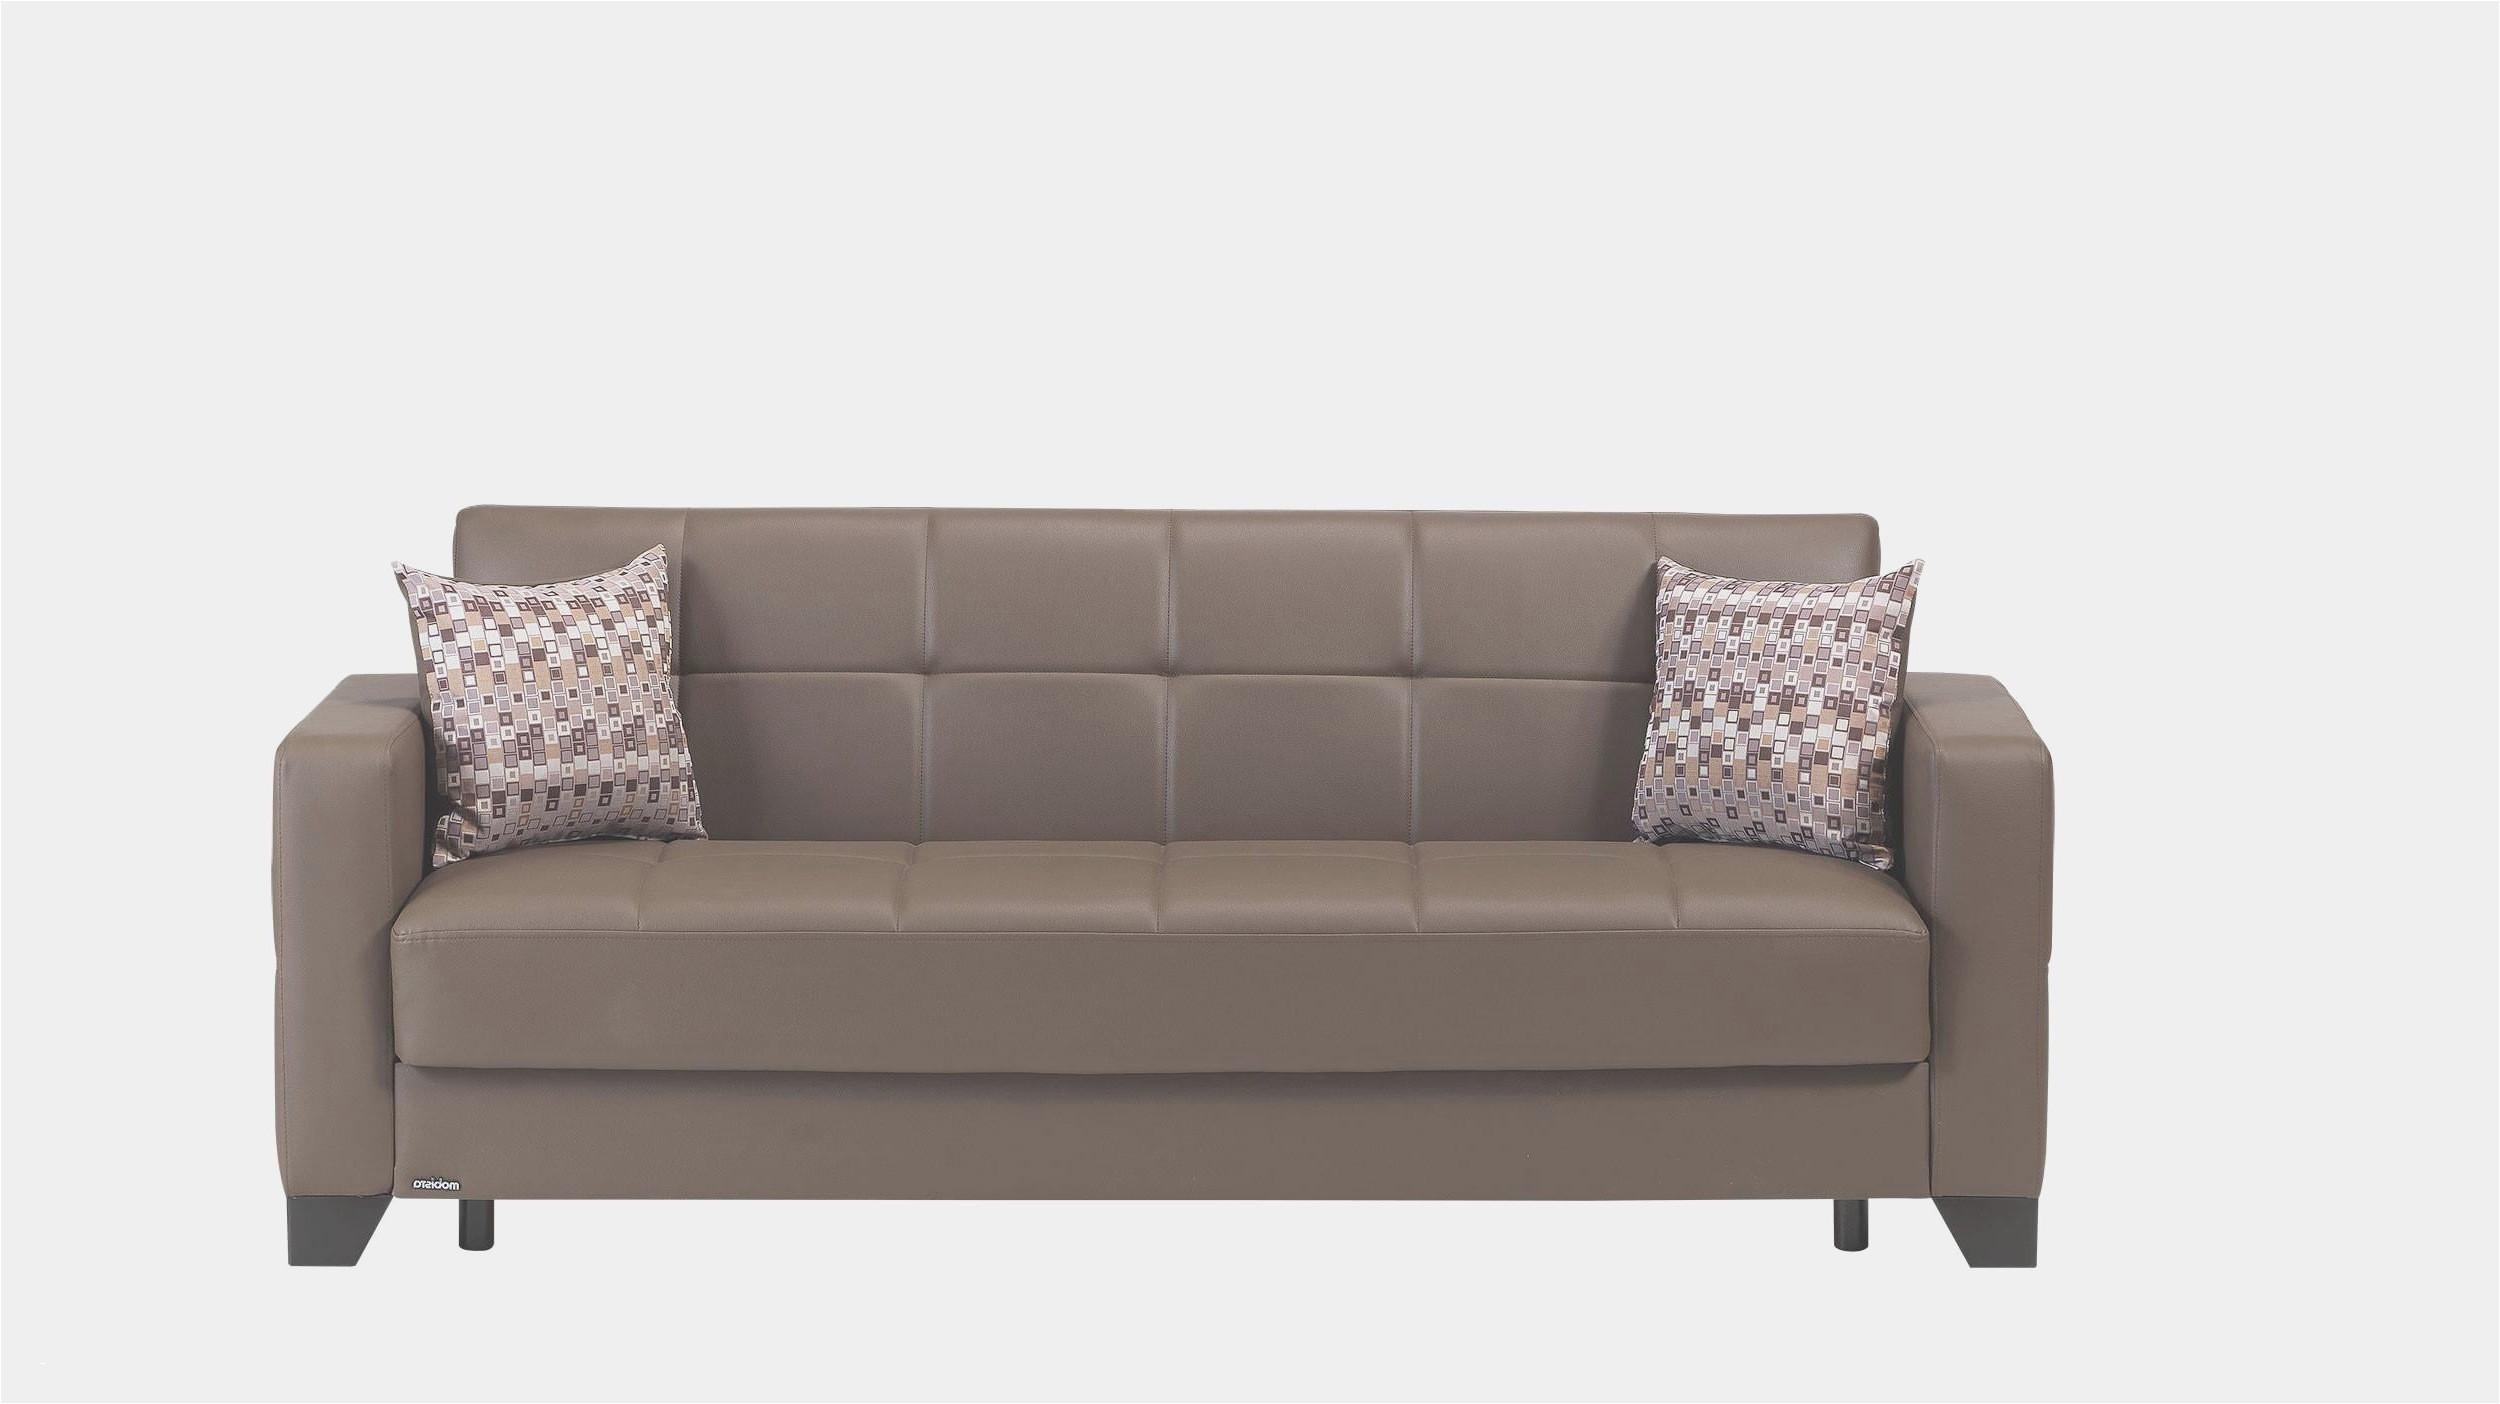 ikea schlafsofa friheten frisch futon sofa with storage inspirational futon einfach kostenloses sammlung of ikea schlafsofa